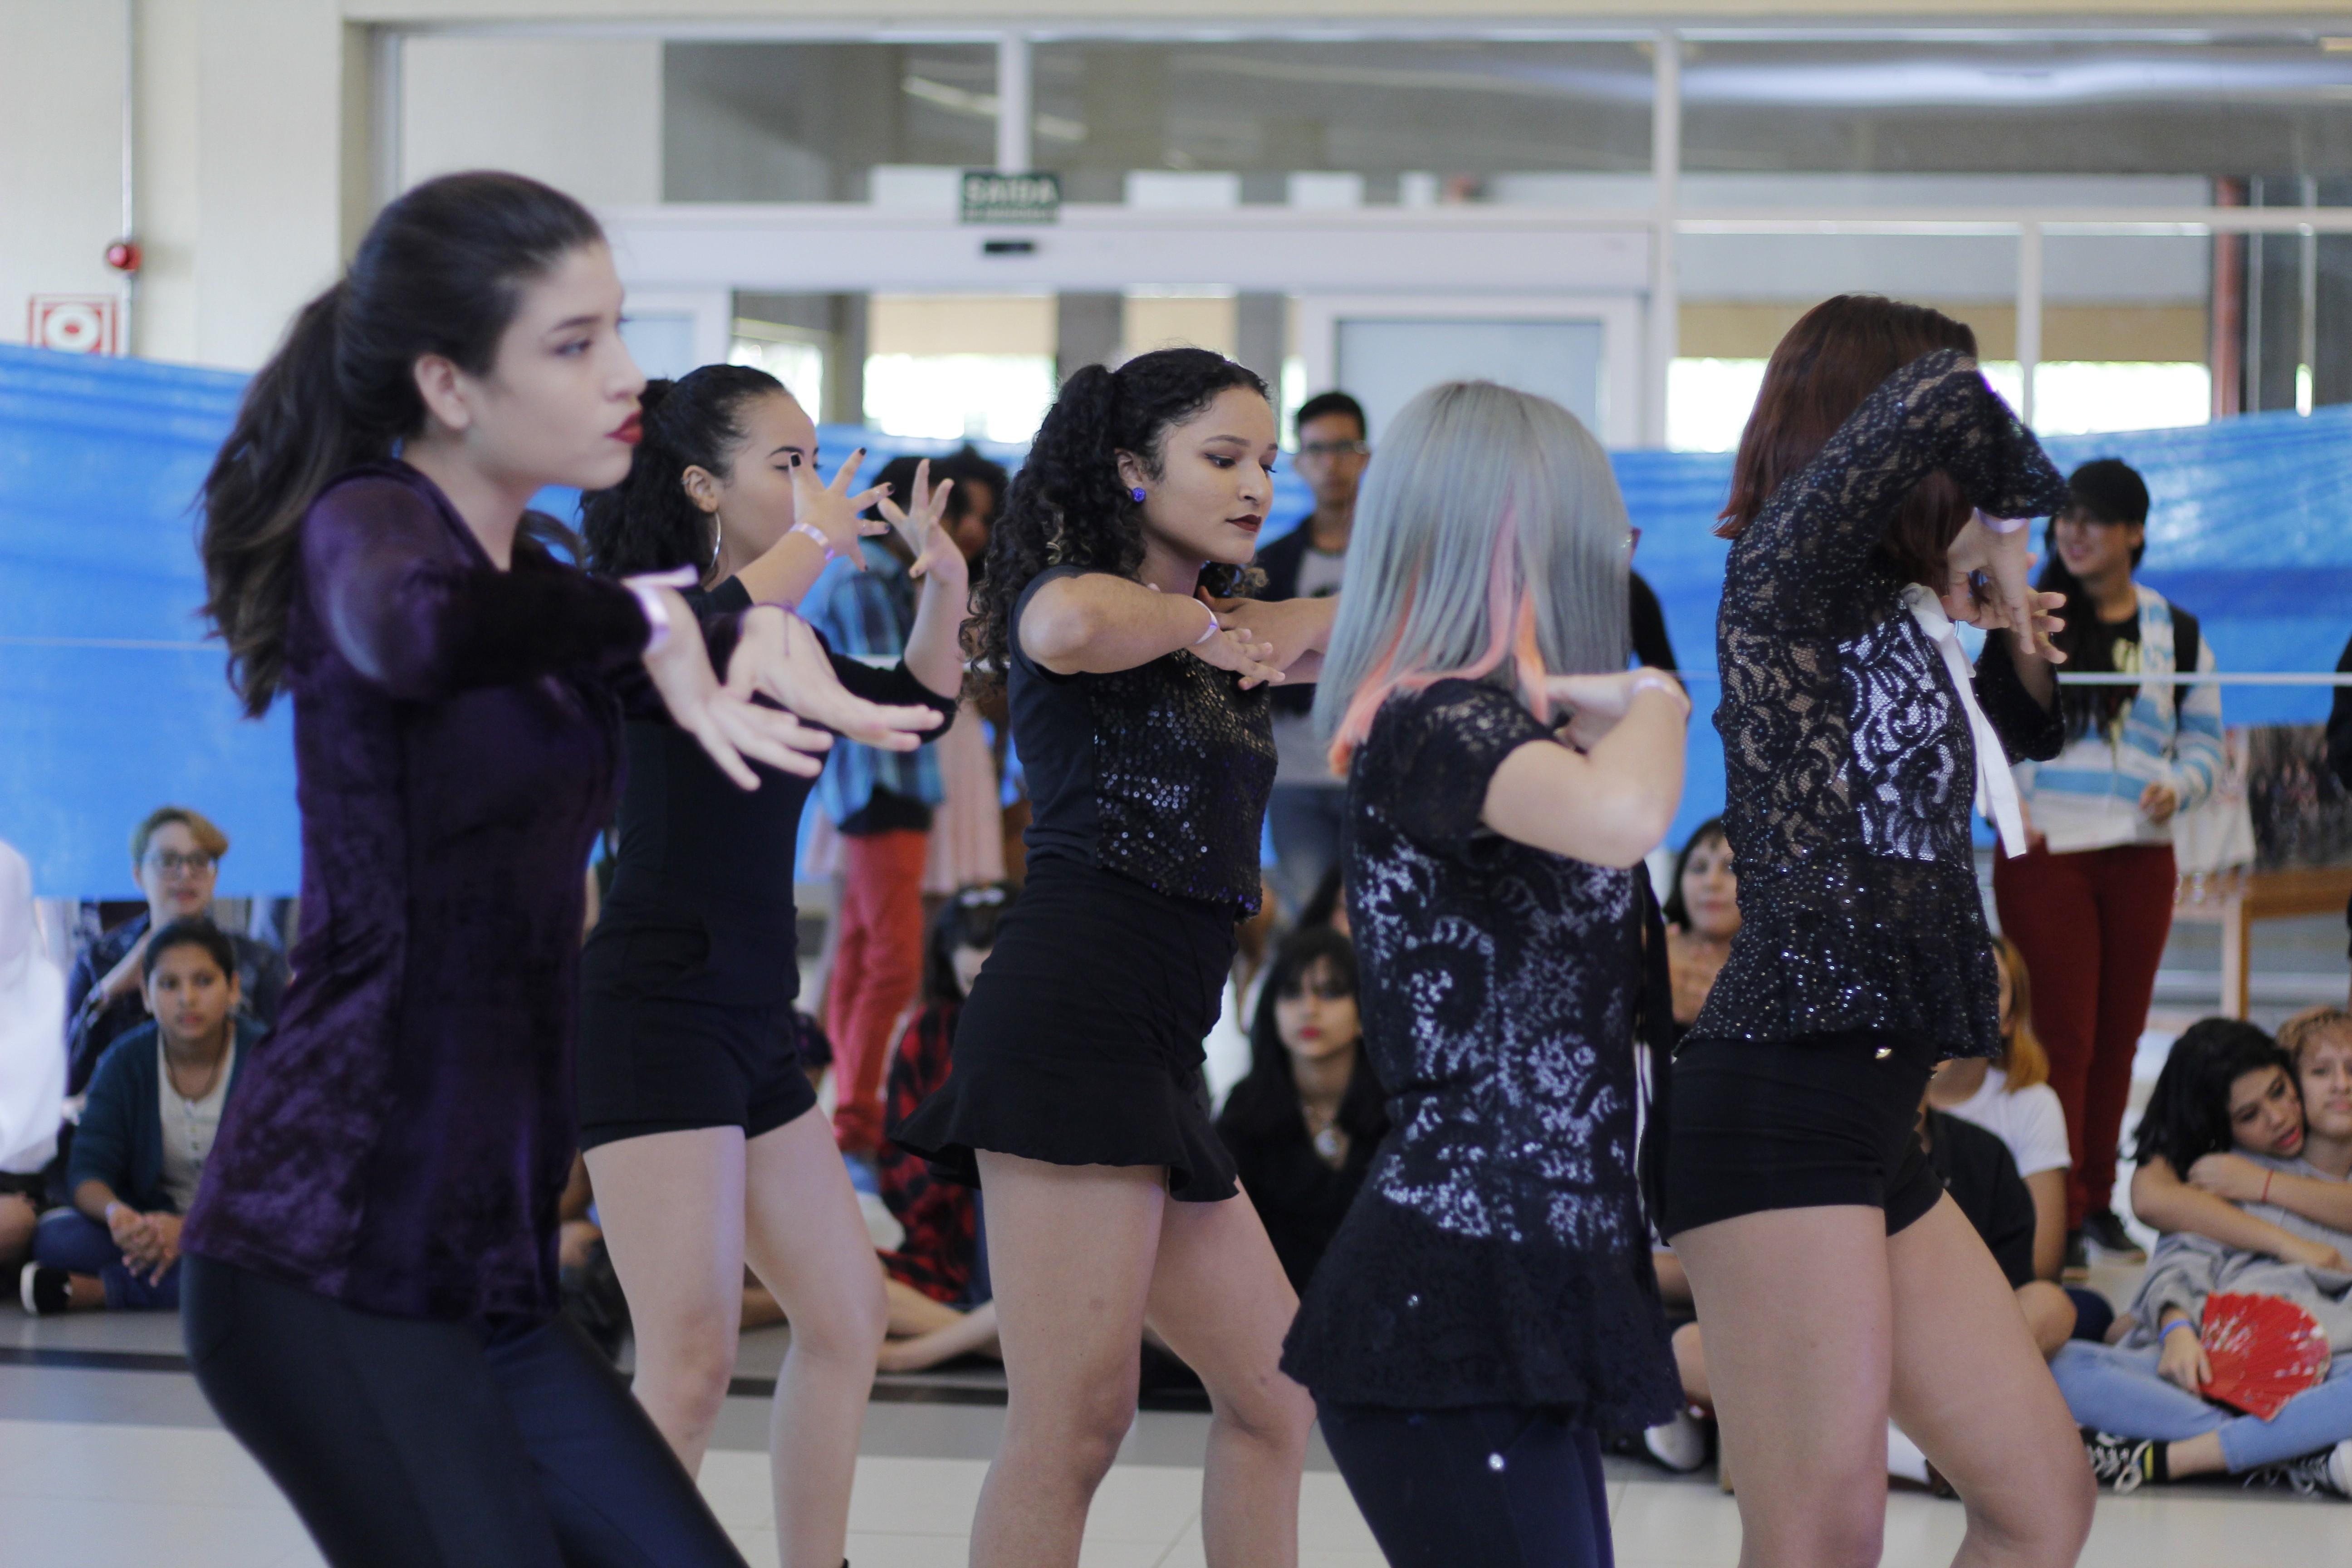 Concurso de dança e karaokê são atrações em encontro de fãs de k-pop em Macapá